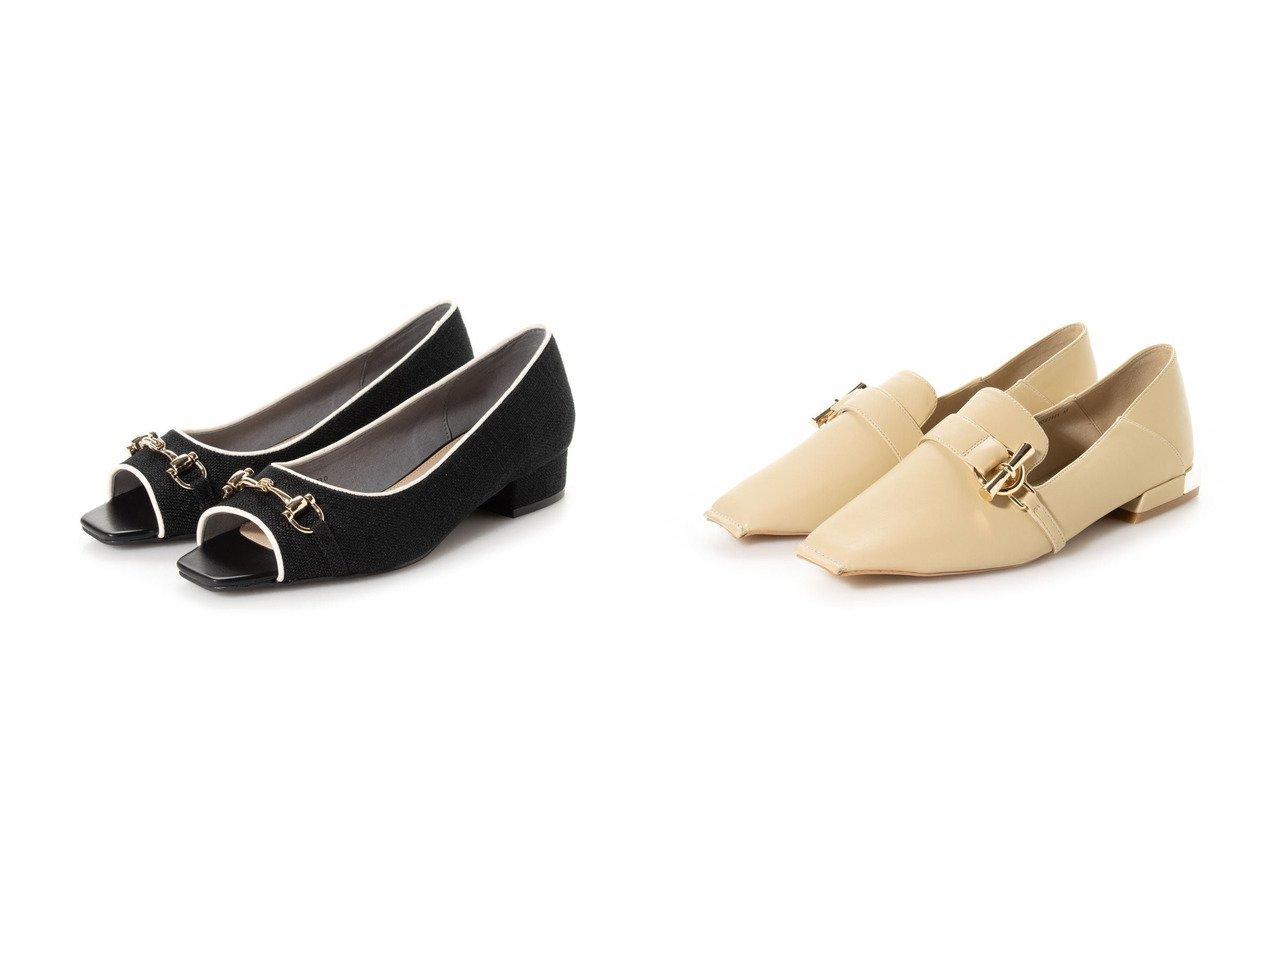 【RANDA/ランダ】のソフトビットパーツオープントゥパンプス&ソフト ゴールドヒールバブーシュ RANDAのおすすめ!人気、トレンド・レディースファッションの通販 おすすめで人気の流行・トレンド、ファッションの通販商品 メンズファッション・キッズファッション・インテリア・家具・レディースファッション・服の通販 founy(ファニー) https://founy.com/ ファッション Fashion レディースファッション WOMEN 2021年 2021 2021 春夏 S/S SS Spring/Summer 2021 S/S 春夏 SS Spring/Summer オープントゥ 春 Spring  ID:crp329100000019974